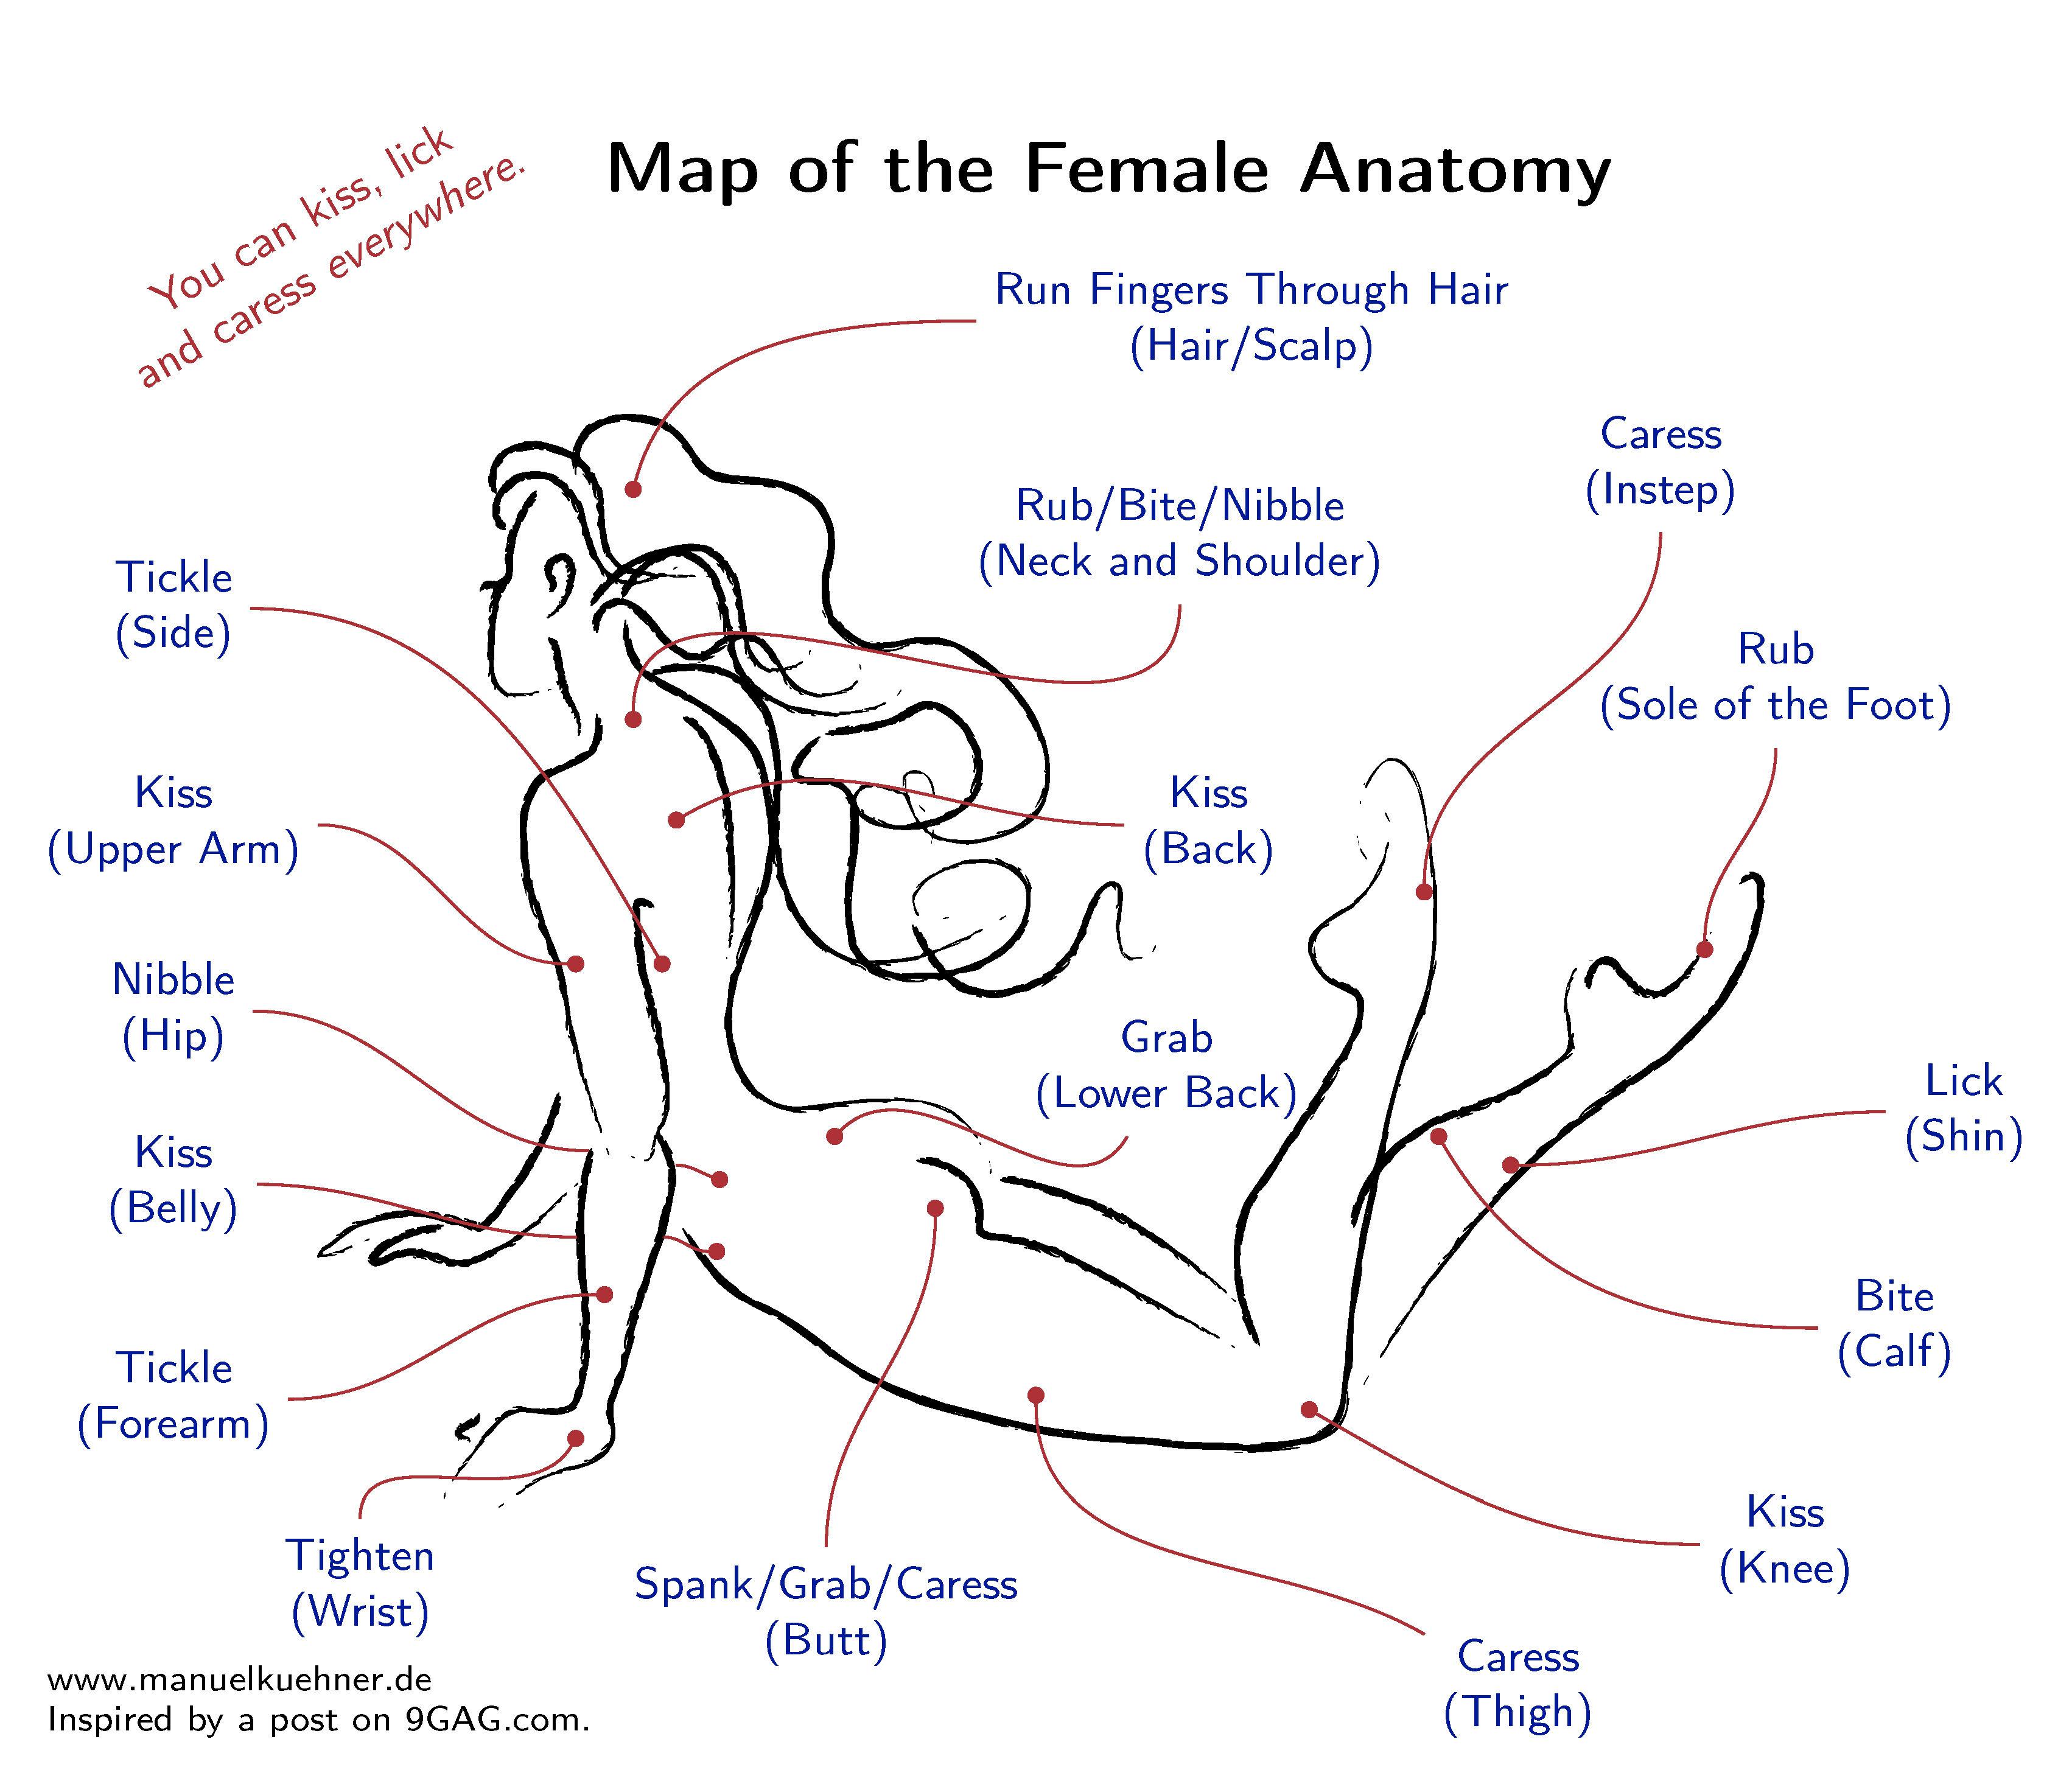 Weibliche Anatomie (Female Anatomy) – Manuel Kuehner